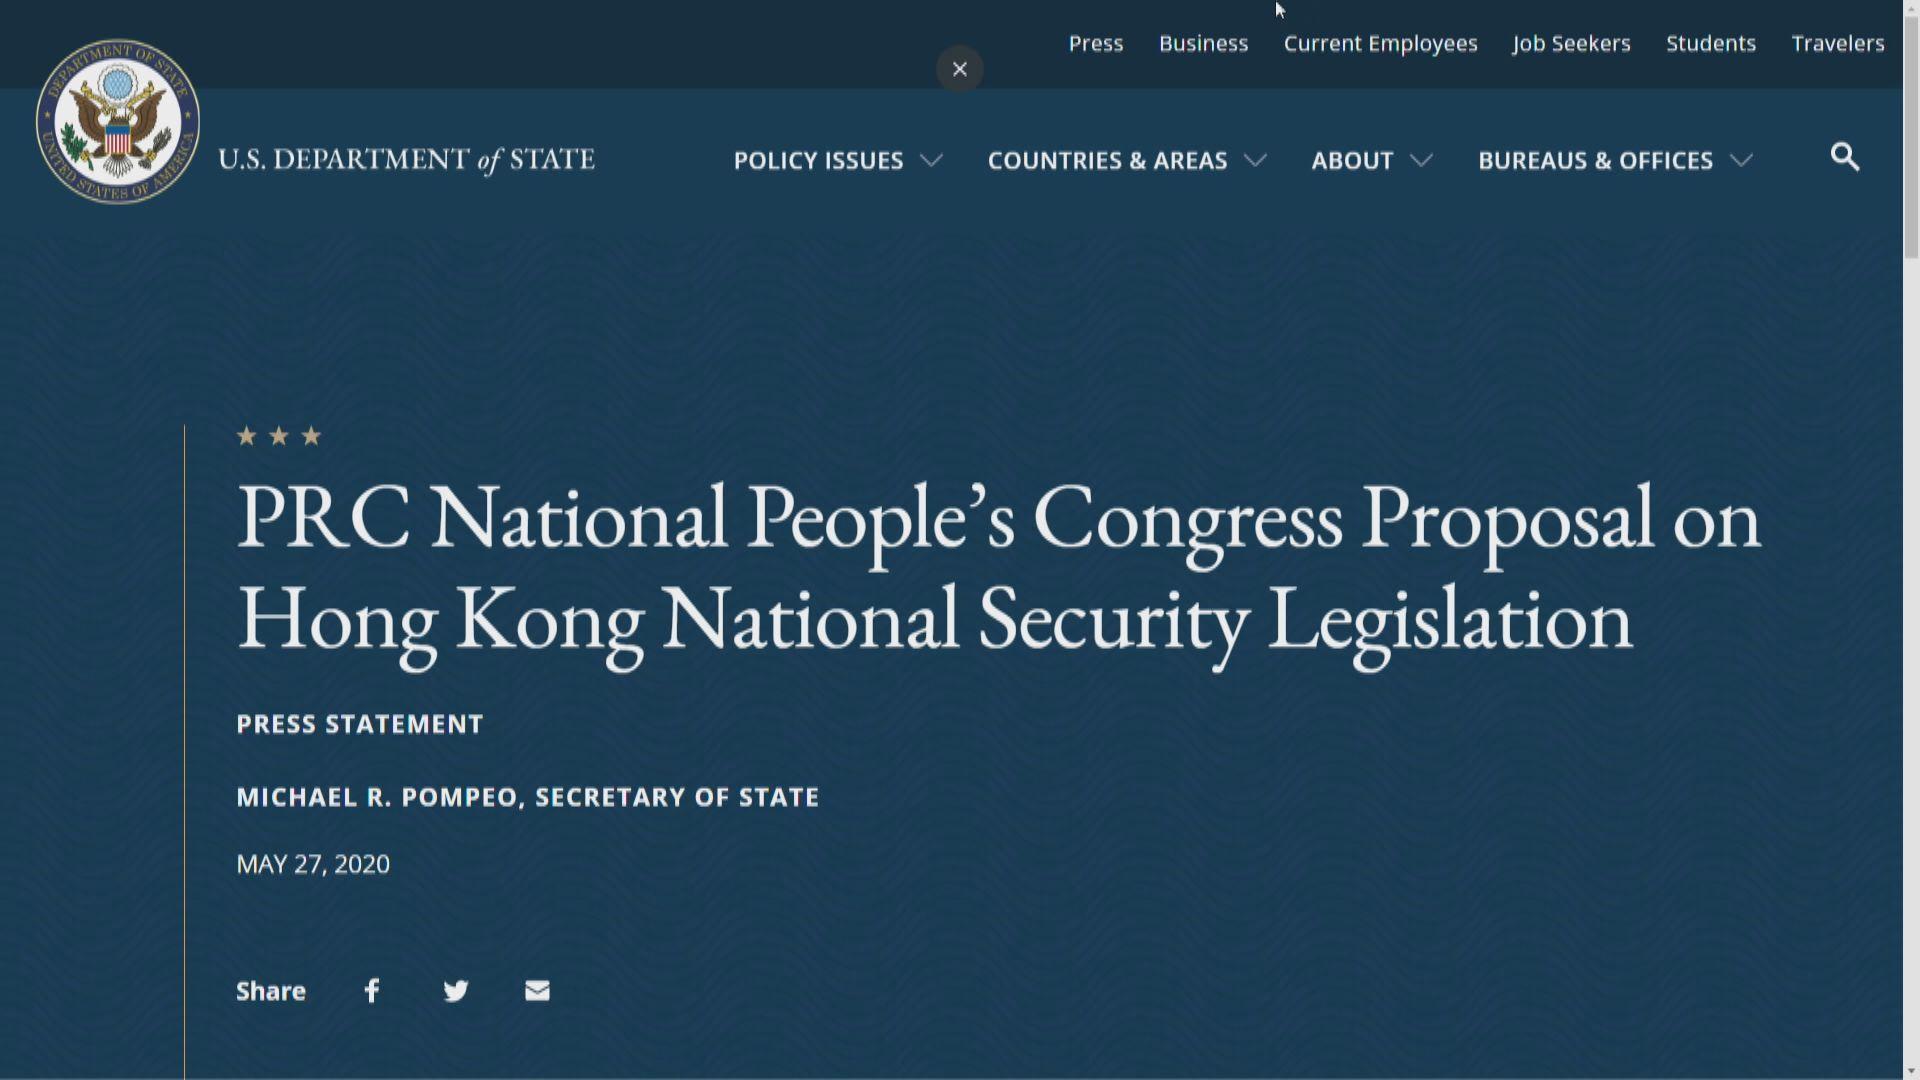 蓬佩奧:特朗普政府已不再視香港為高度自治